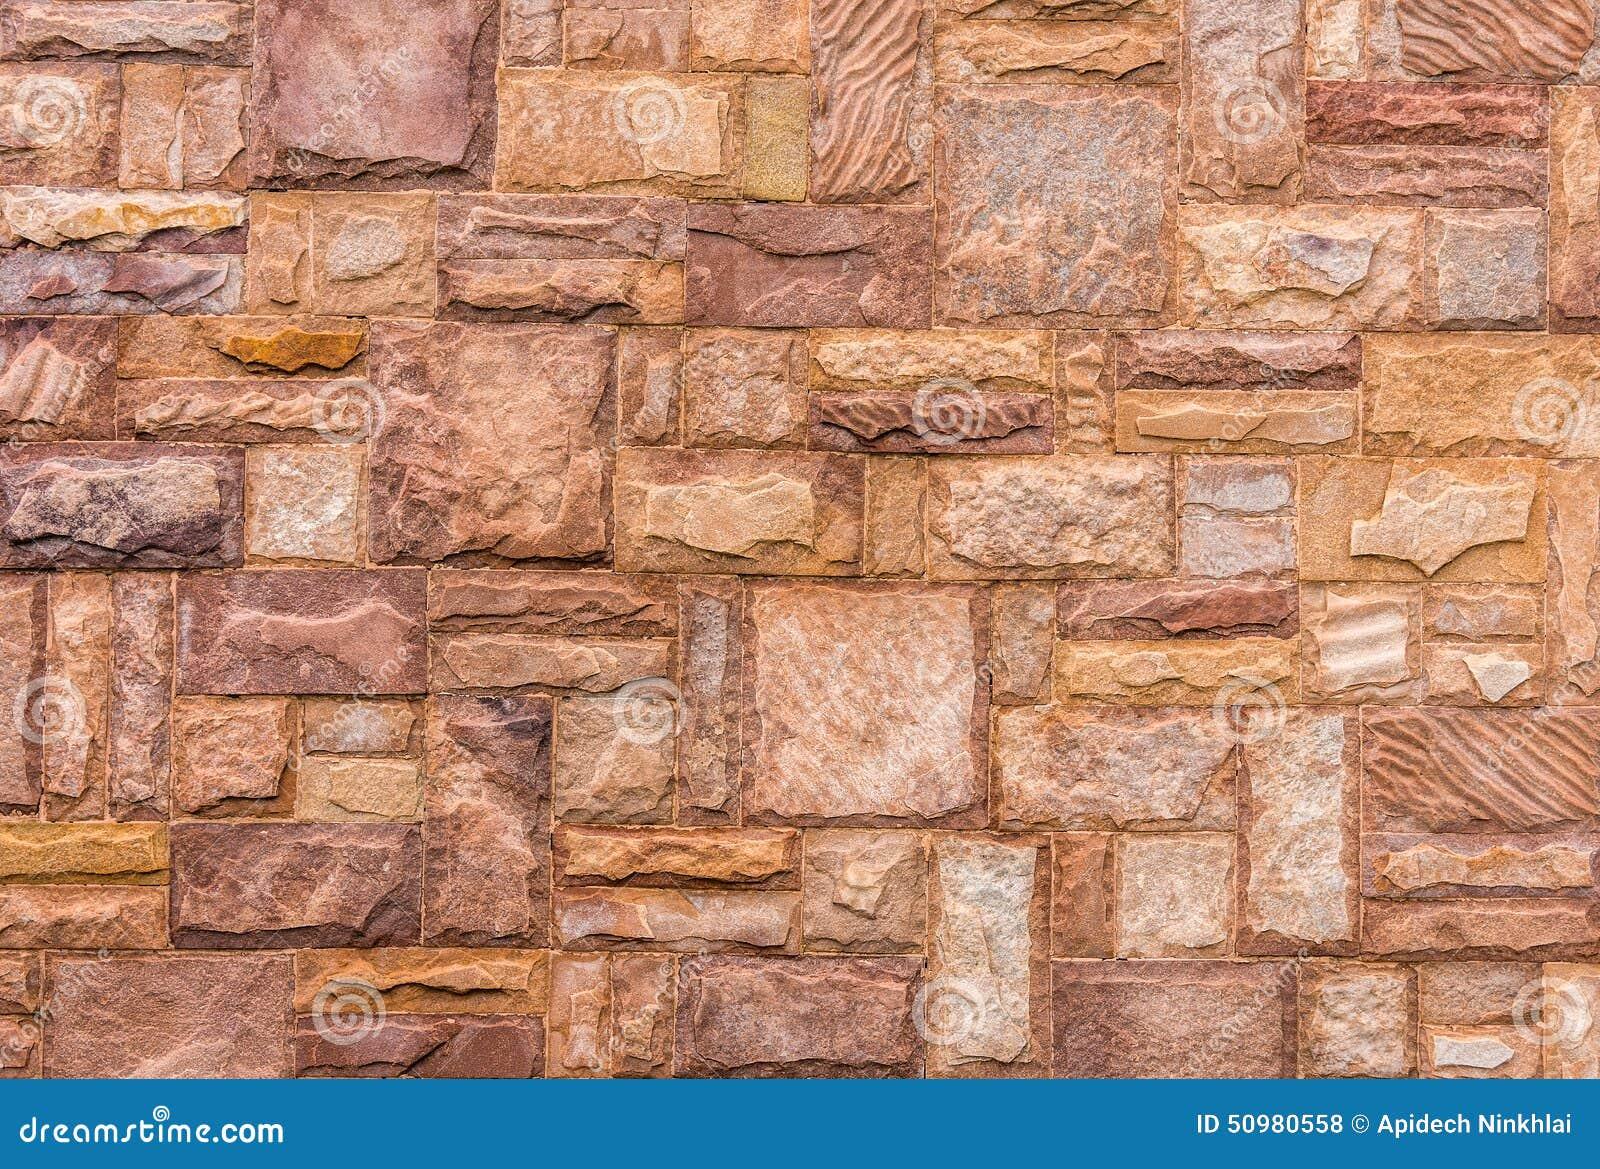 Download Naturstein Deckt Wand Mit Ziegeln Stockfoto   Bild Von Fußboden,  Hintergrund: 50980558